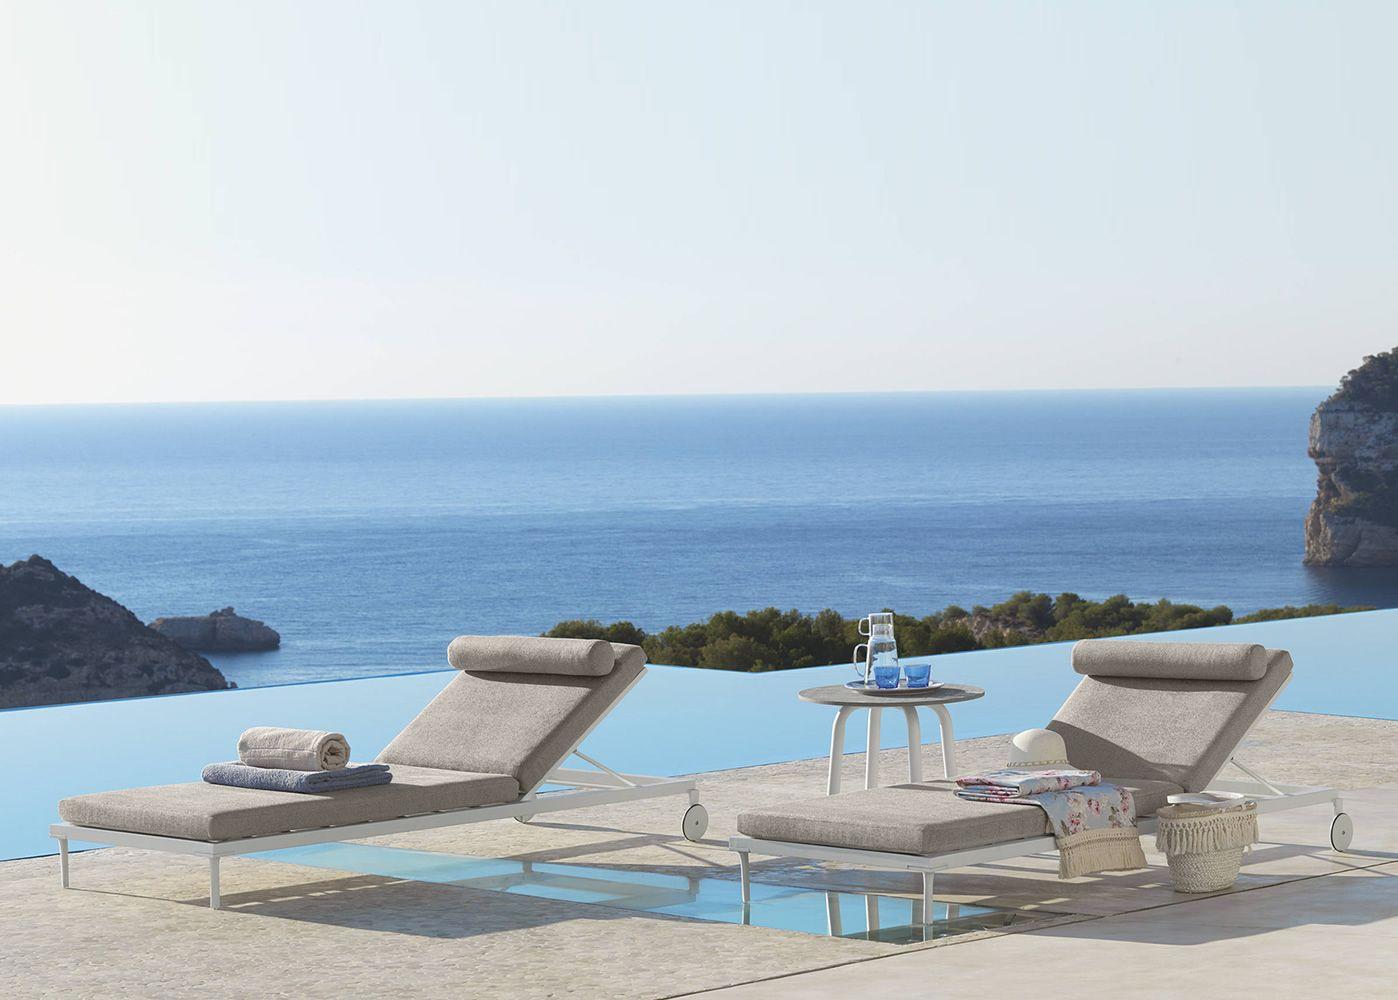 Cleo l 2 lettino design in alluminio con cuscino - Lettino piscina alluminio ...